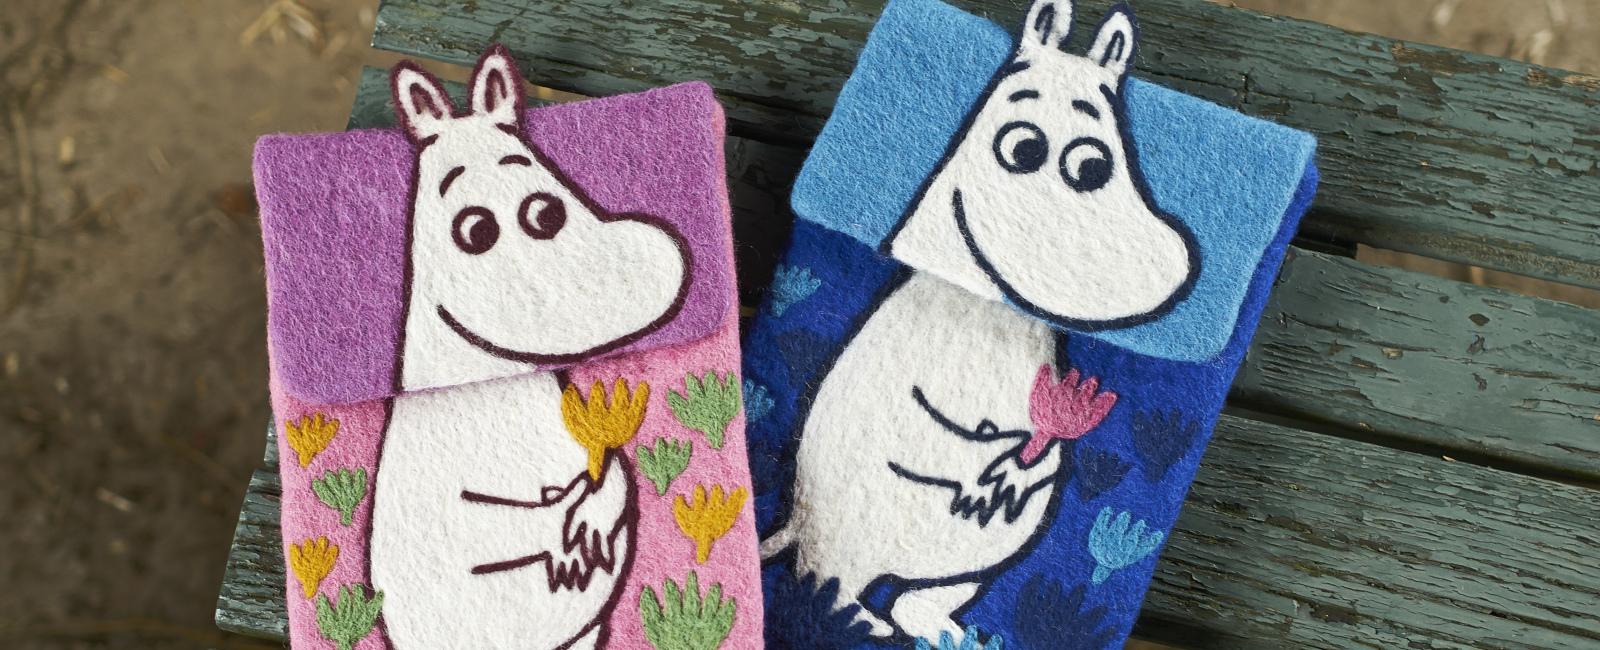 Klippan 187 Moomin Products